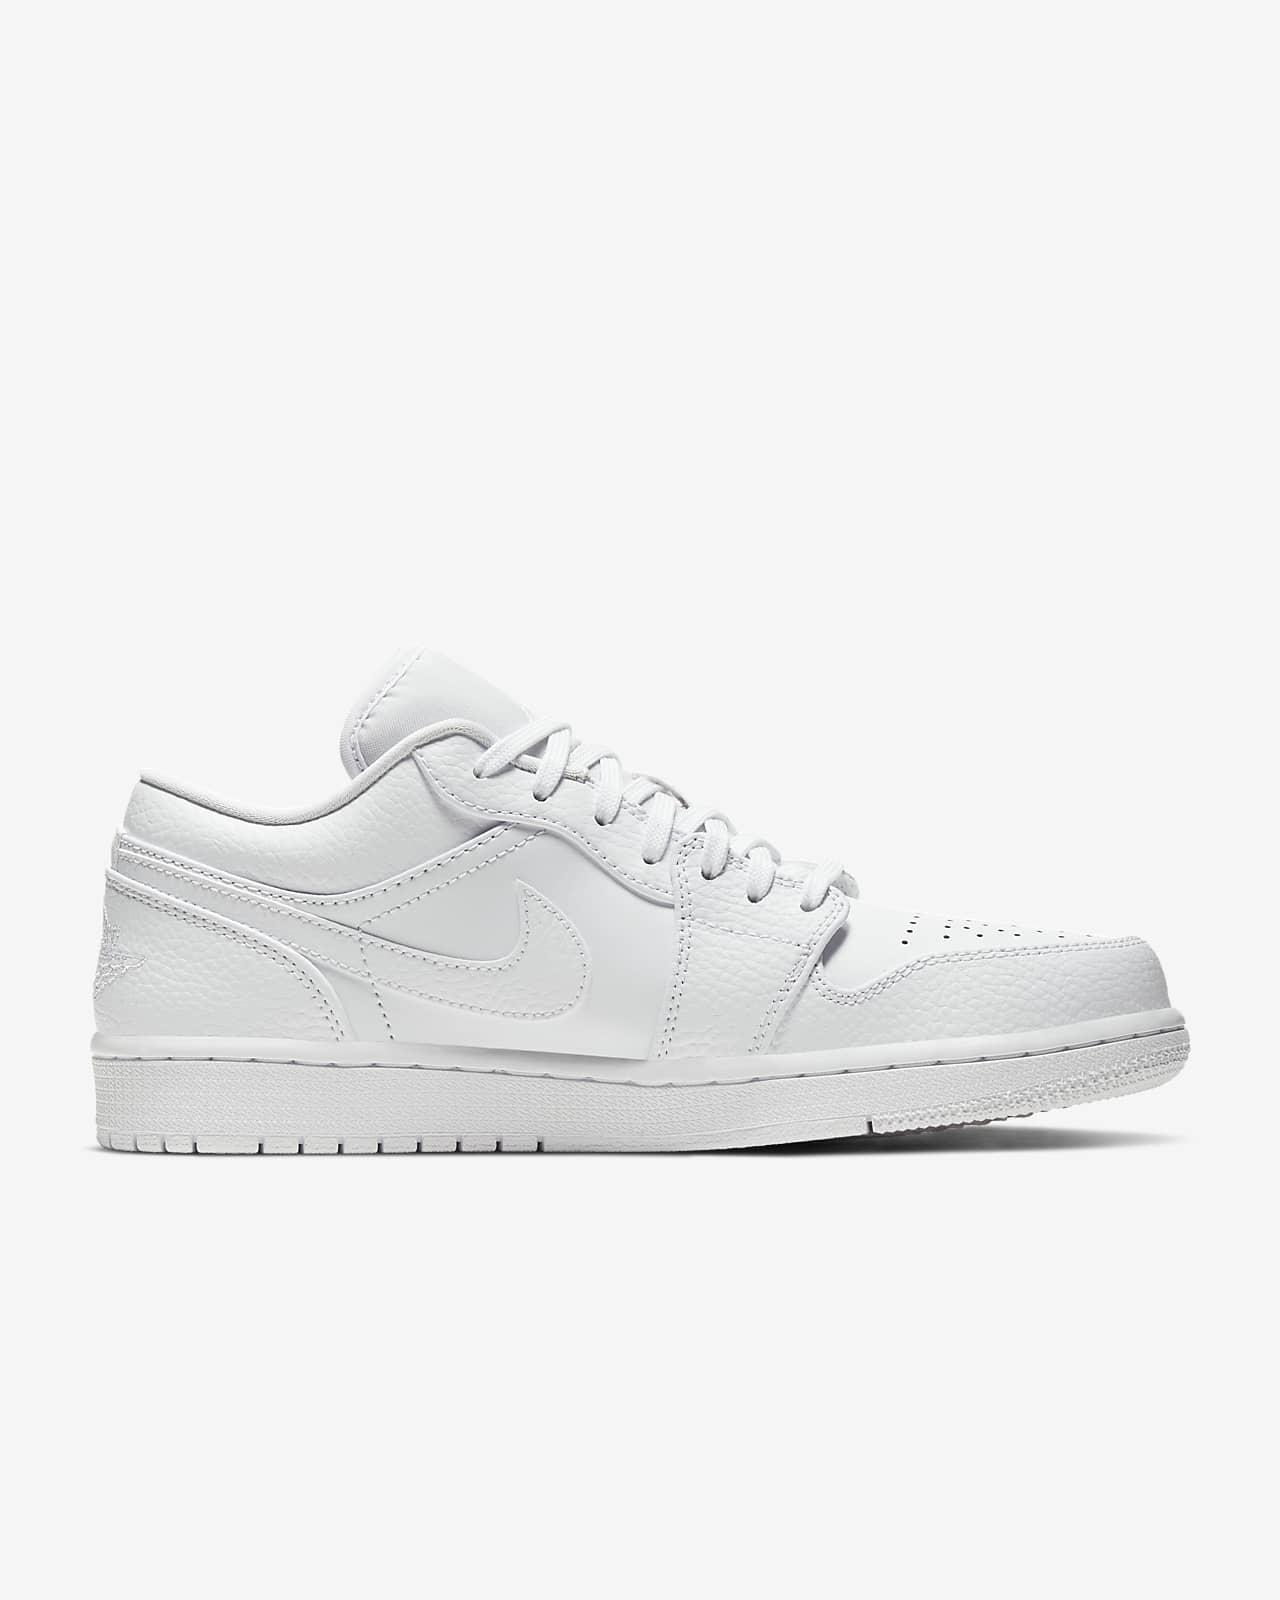 Air Jordan 1 Low Shoe. Nike BG